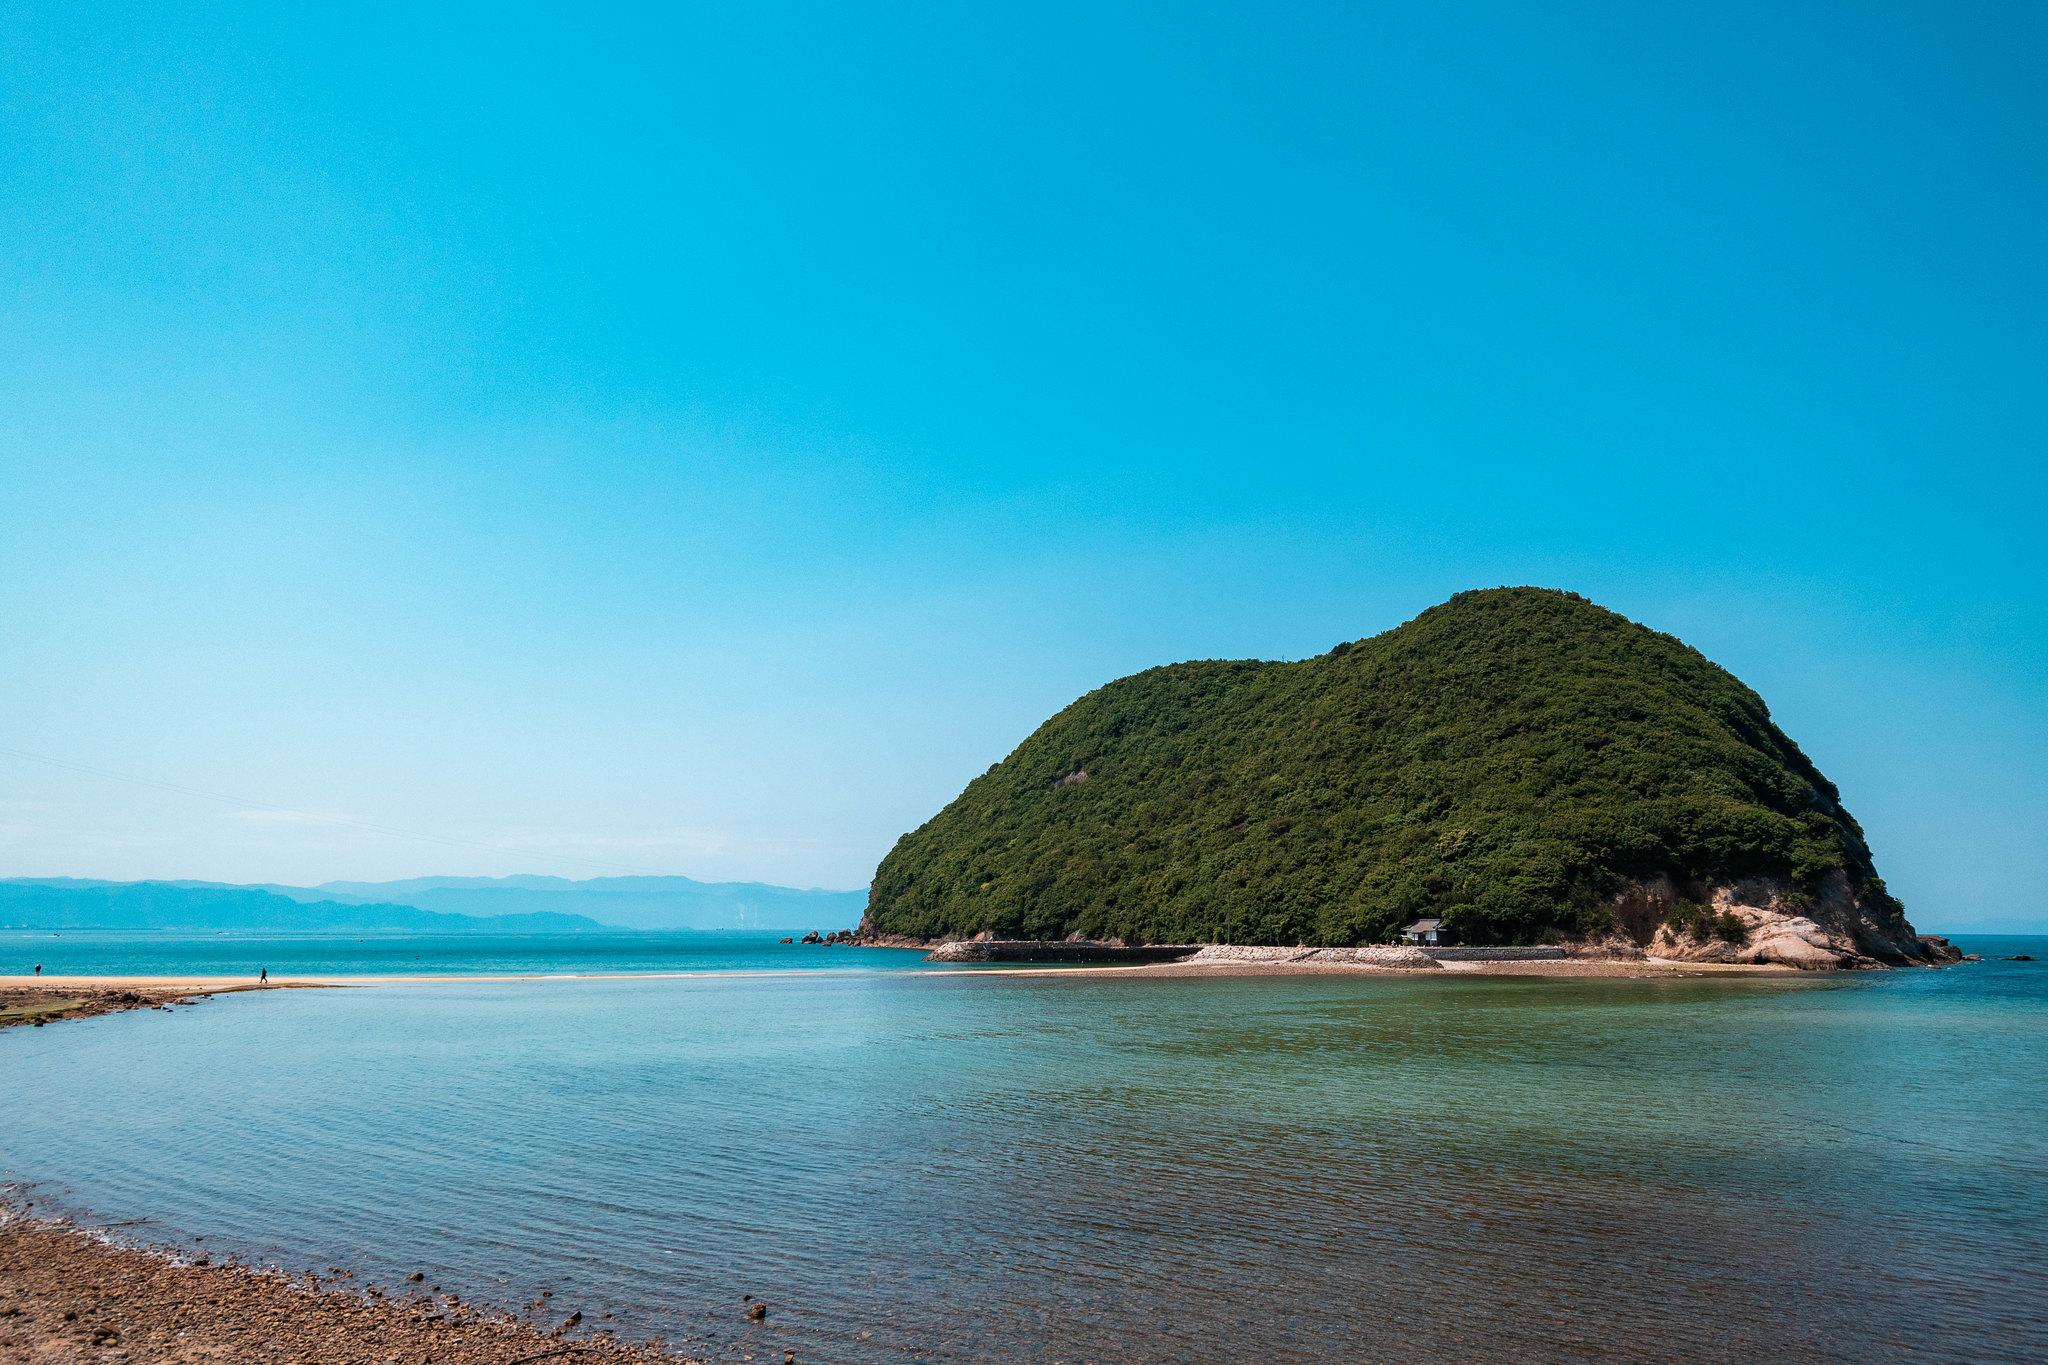 鴨之越 丸山島